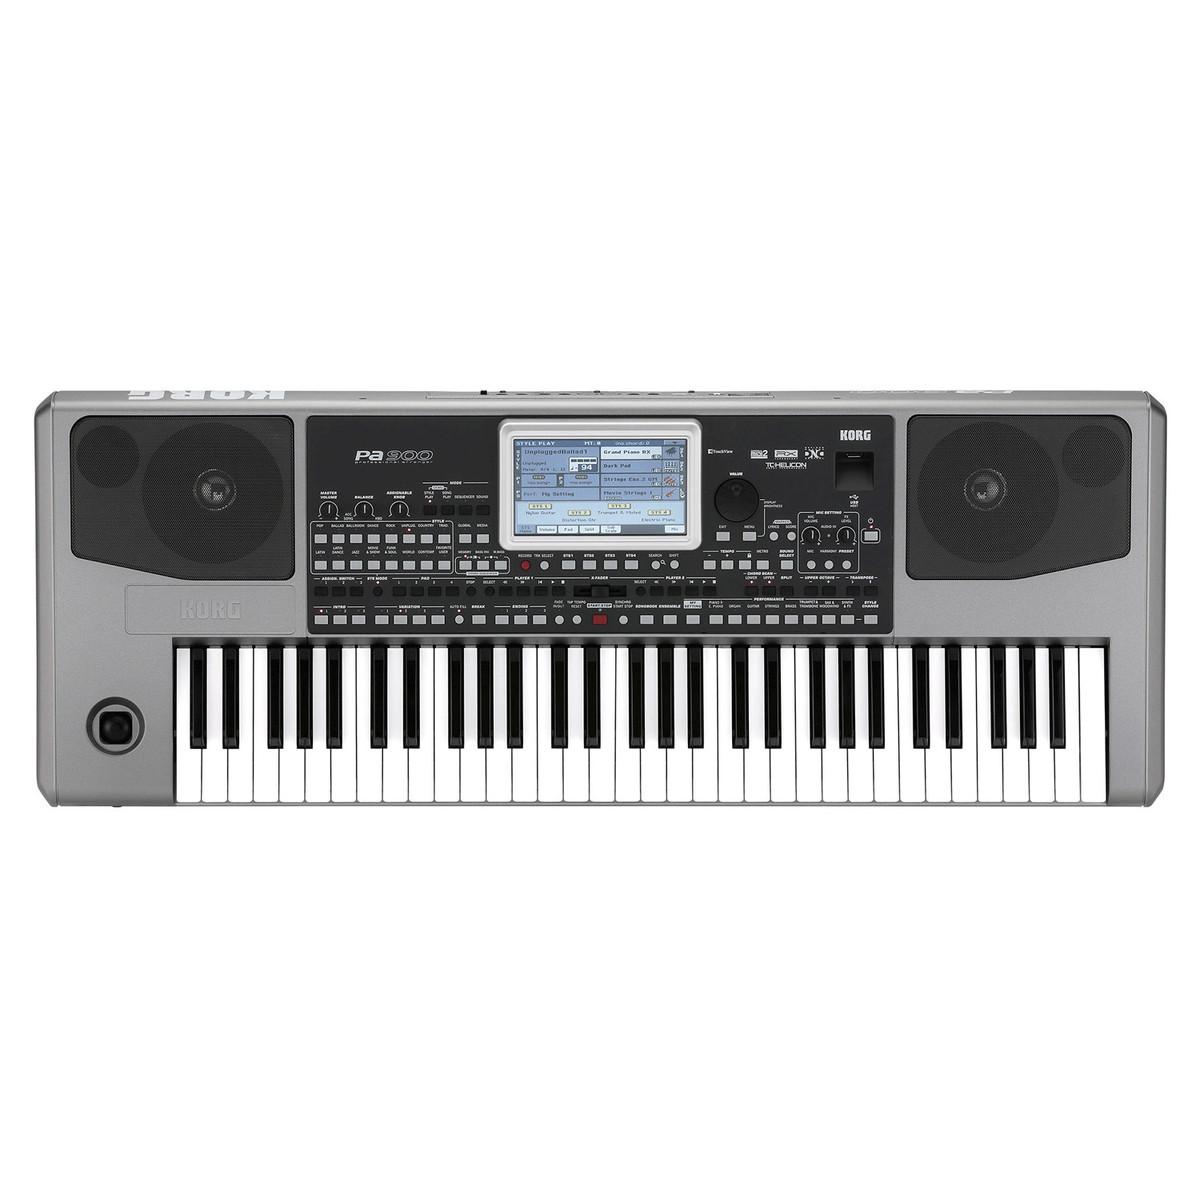 korg pa900 professional arranger keyboard at. Black Bedroom Furniture Sets. Home Design Ideas